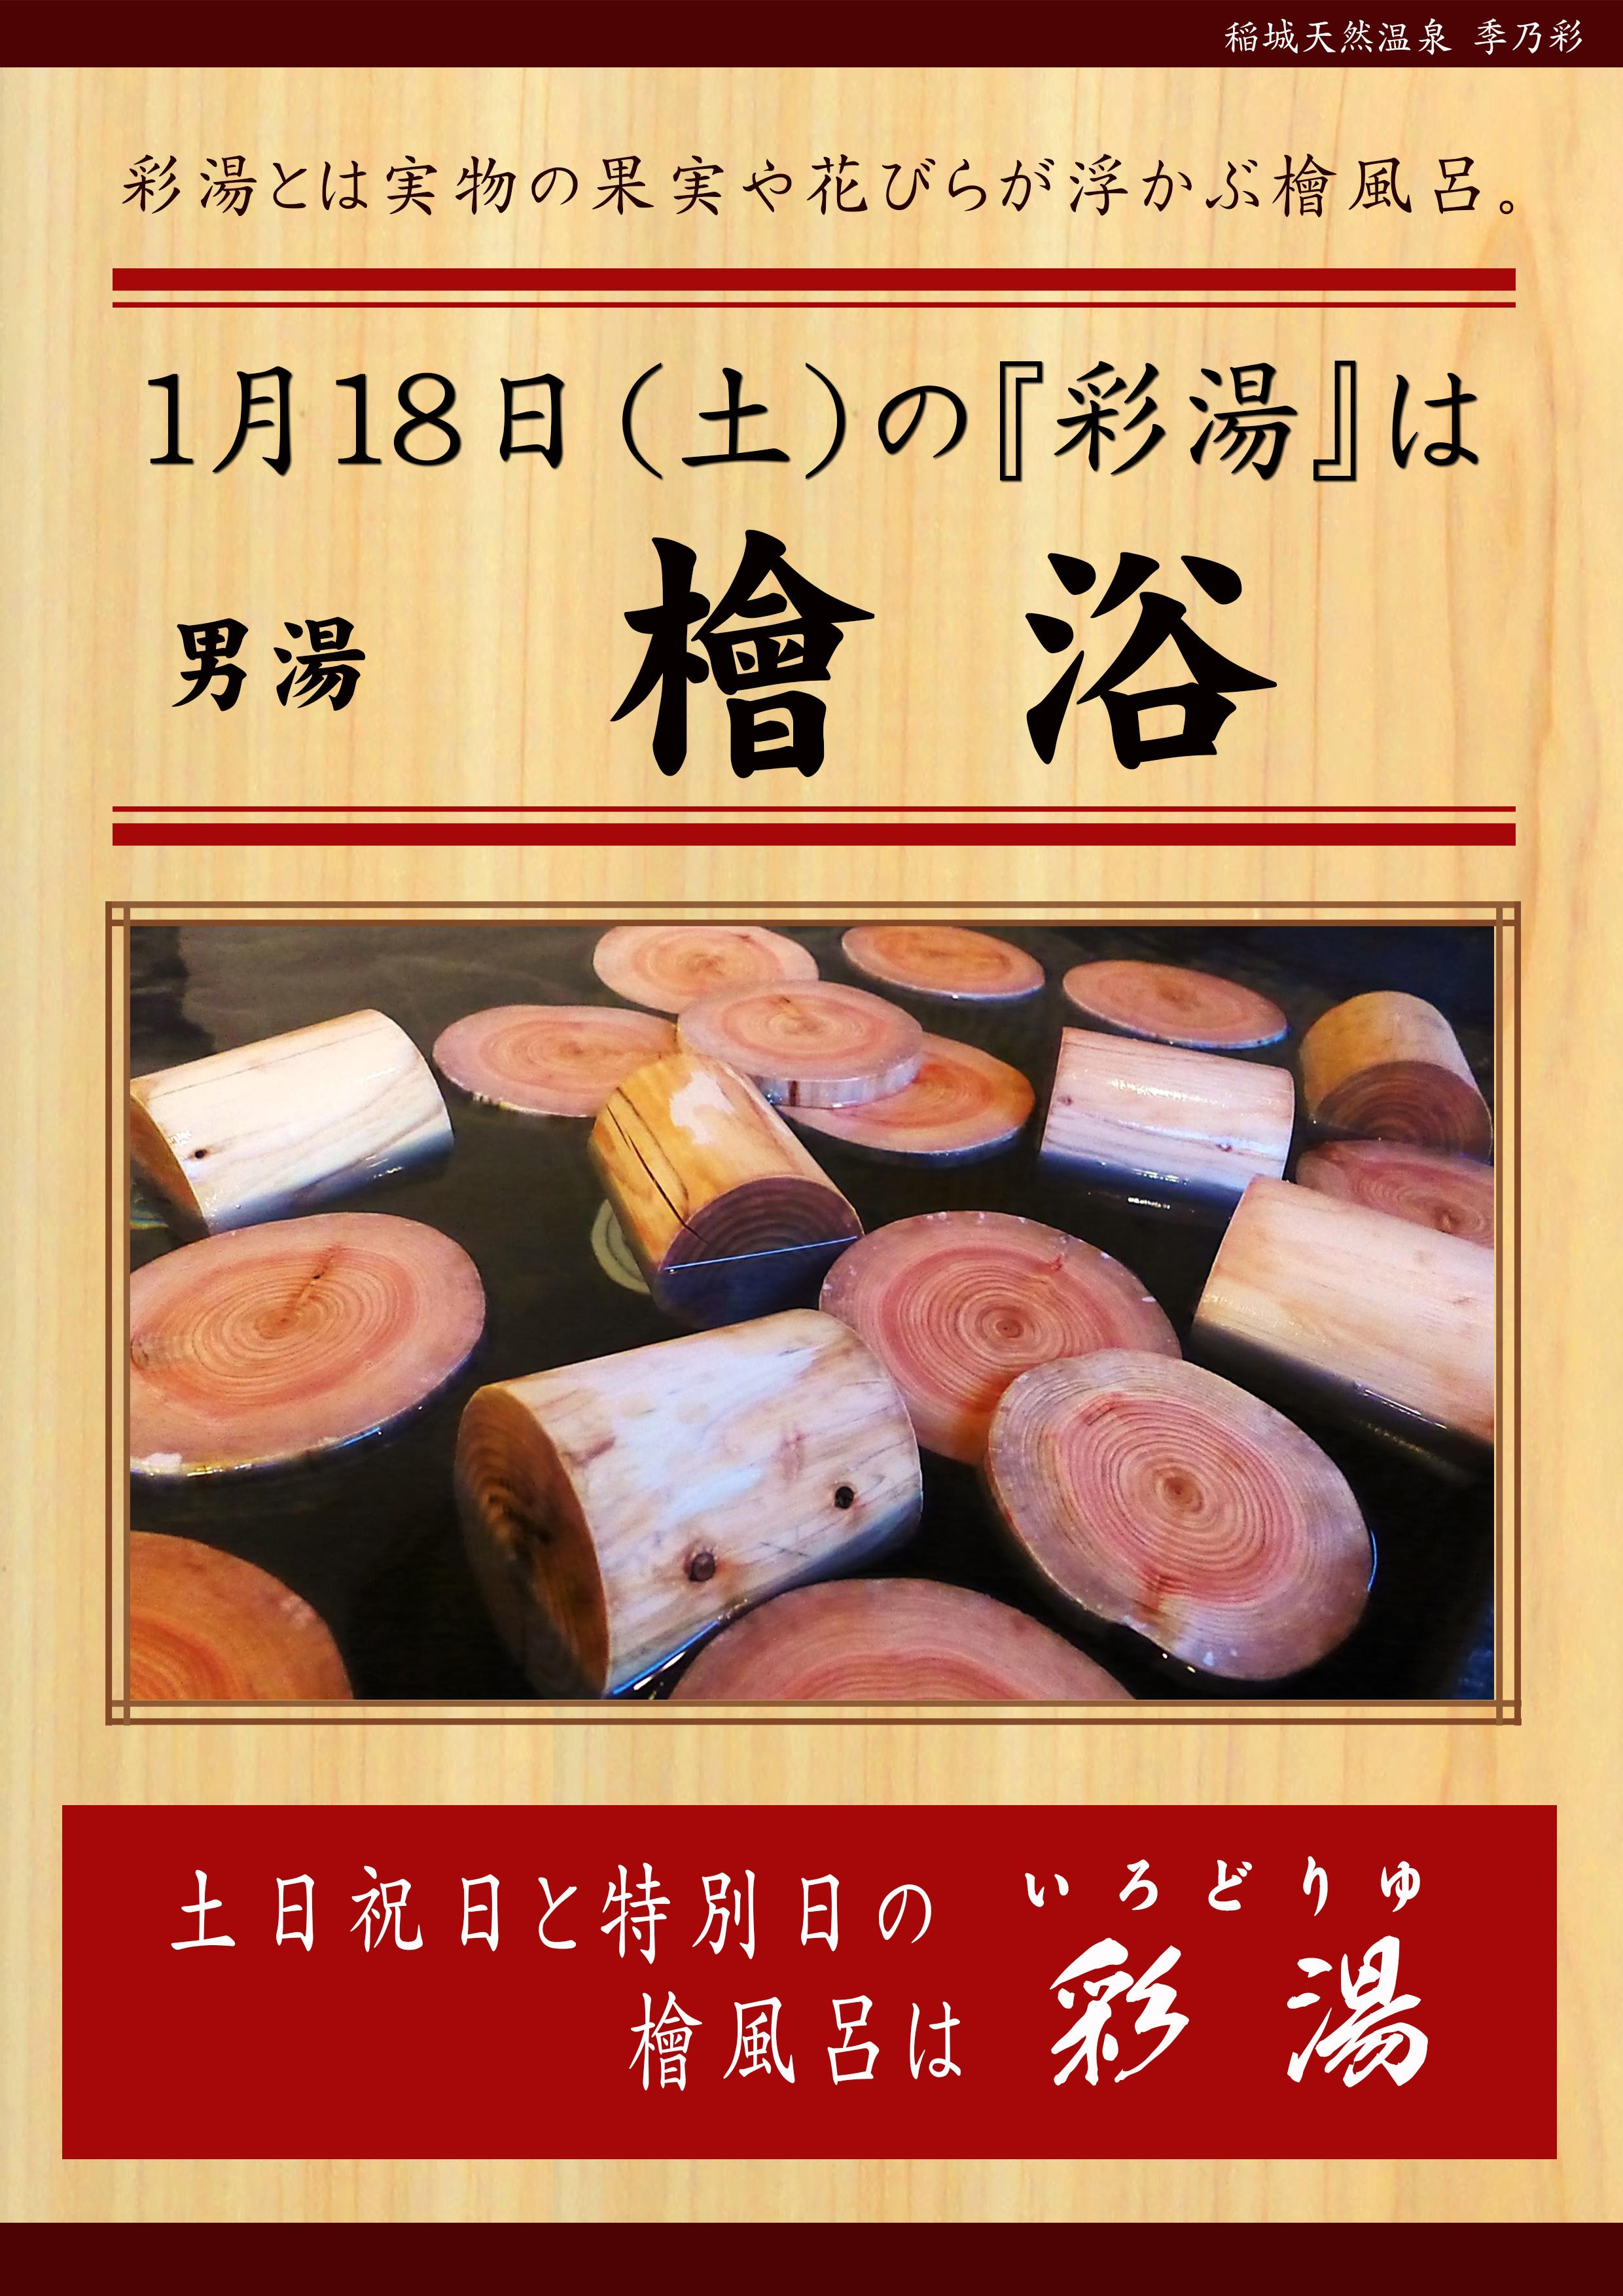 20200118 POP イベント 彩湯 男 檜浴